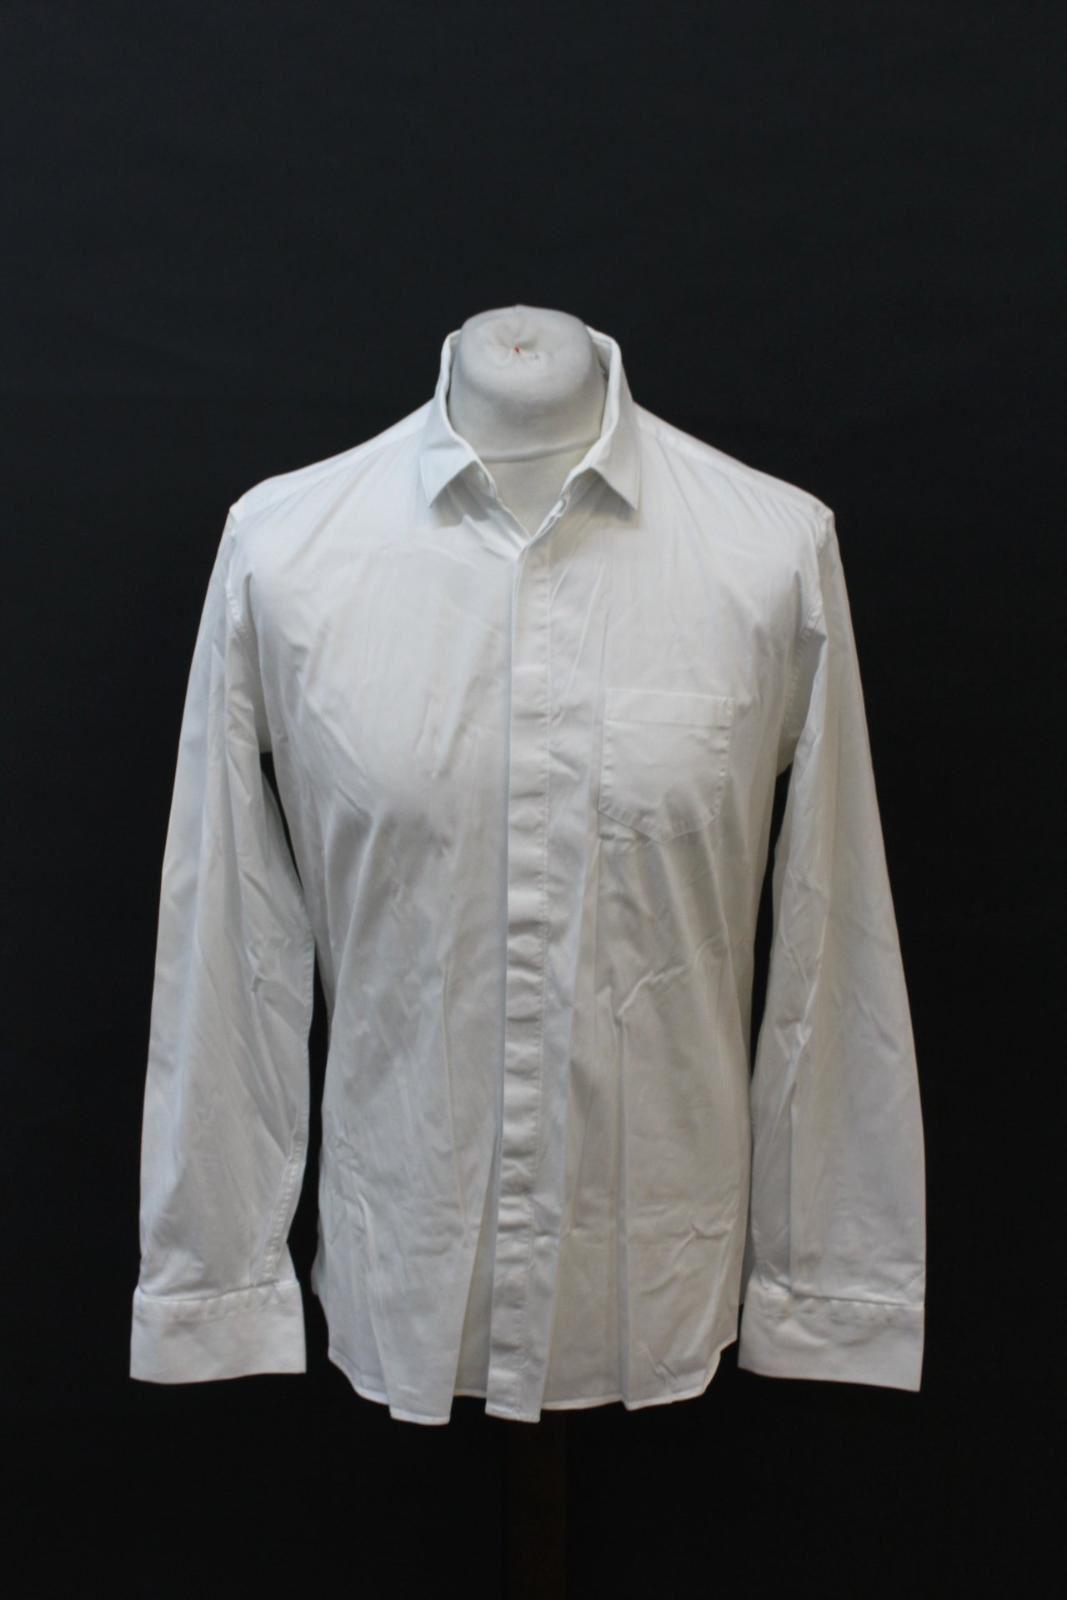 NEIL-BARRETT-Men-039-s-White-Cotton-Blend-Slim-Fit-Formal-Shirt-Collar-16-5-034-42cm